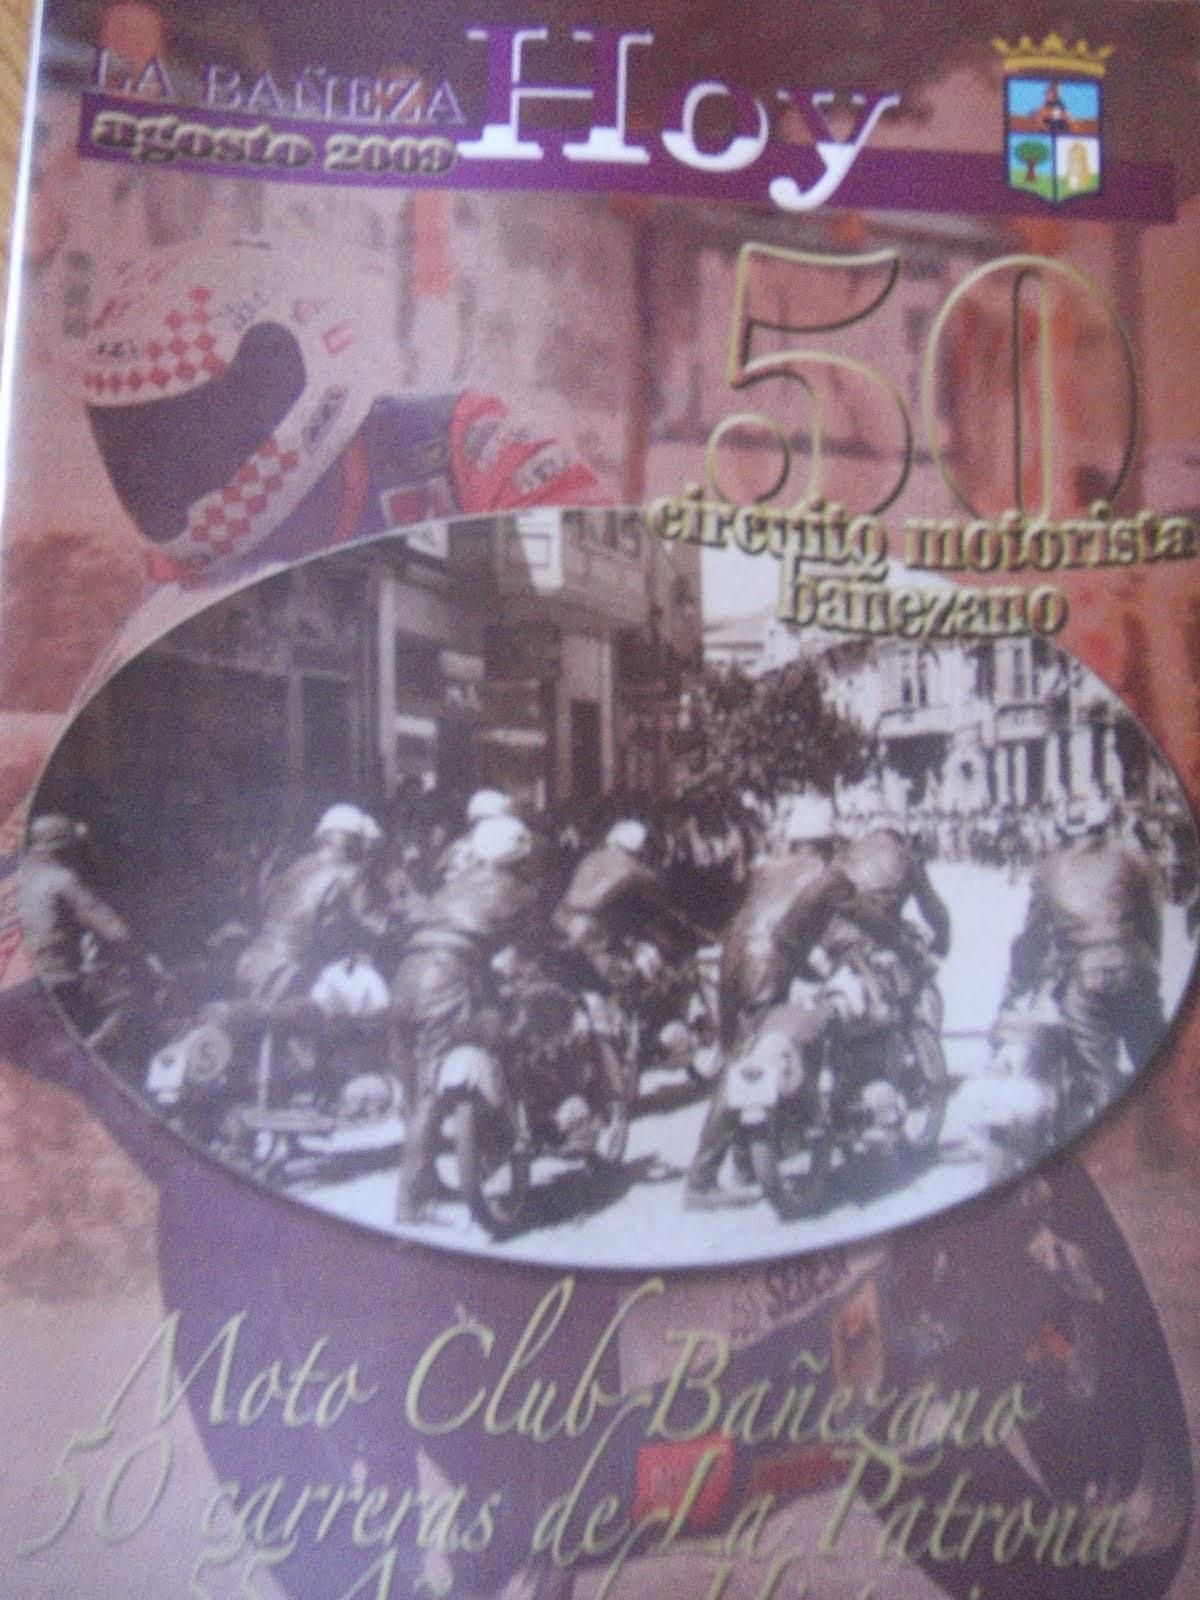 Historia del Moto Club bañezano